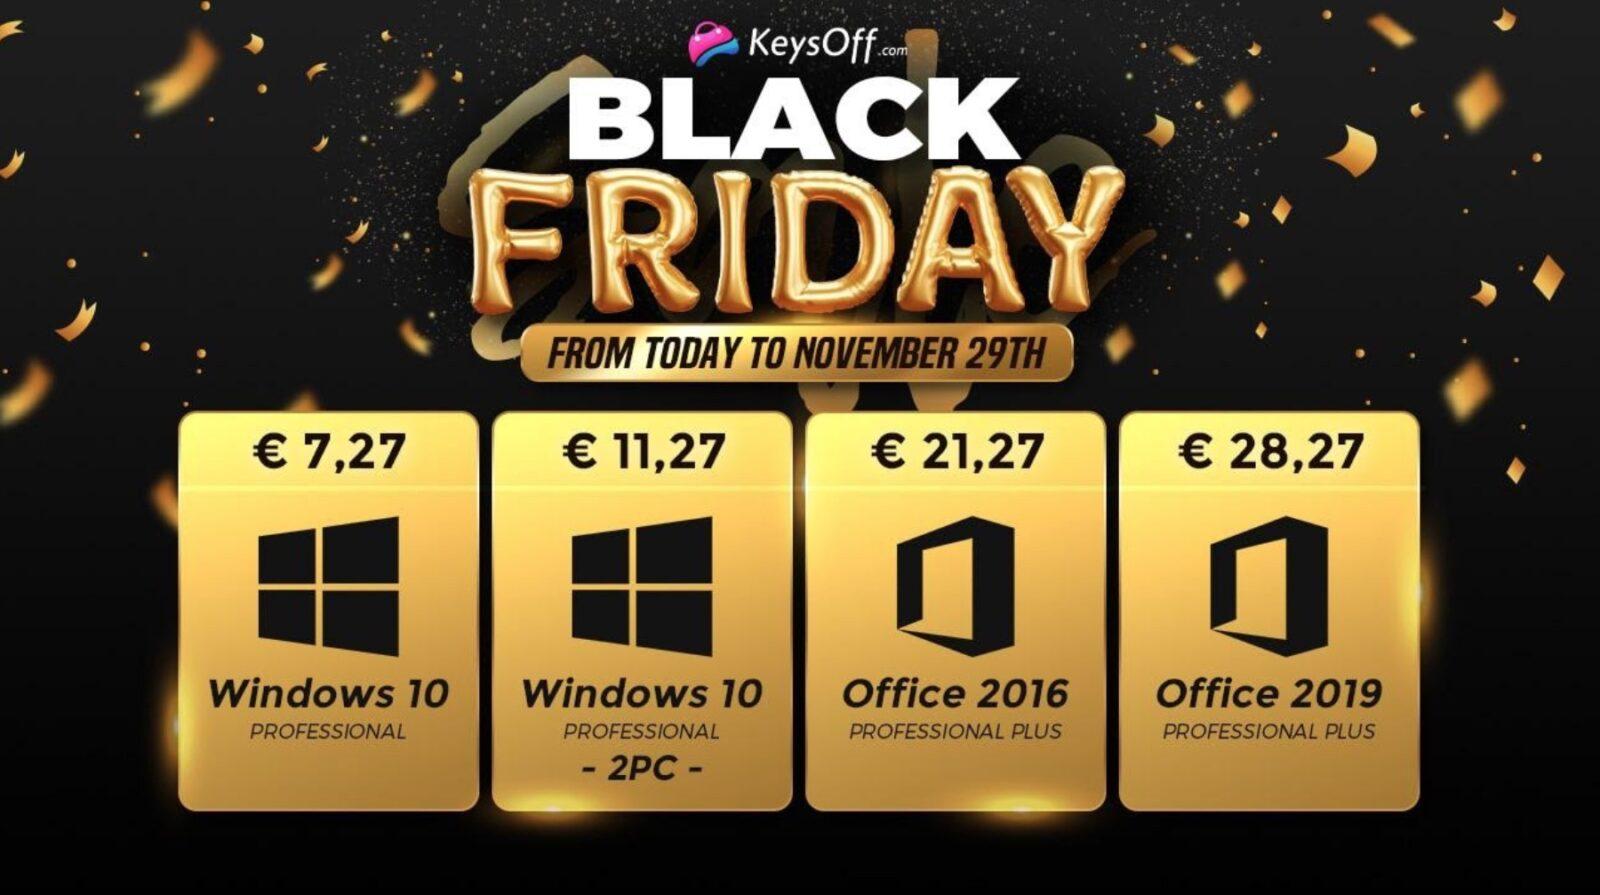 Windows 10 si acquista a soli 5 € per il Black Friday di Keysoff.com: ecco tutti gli sconti